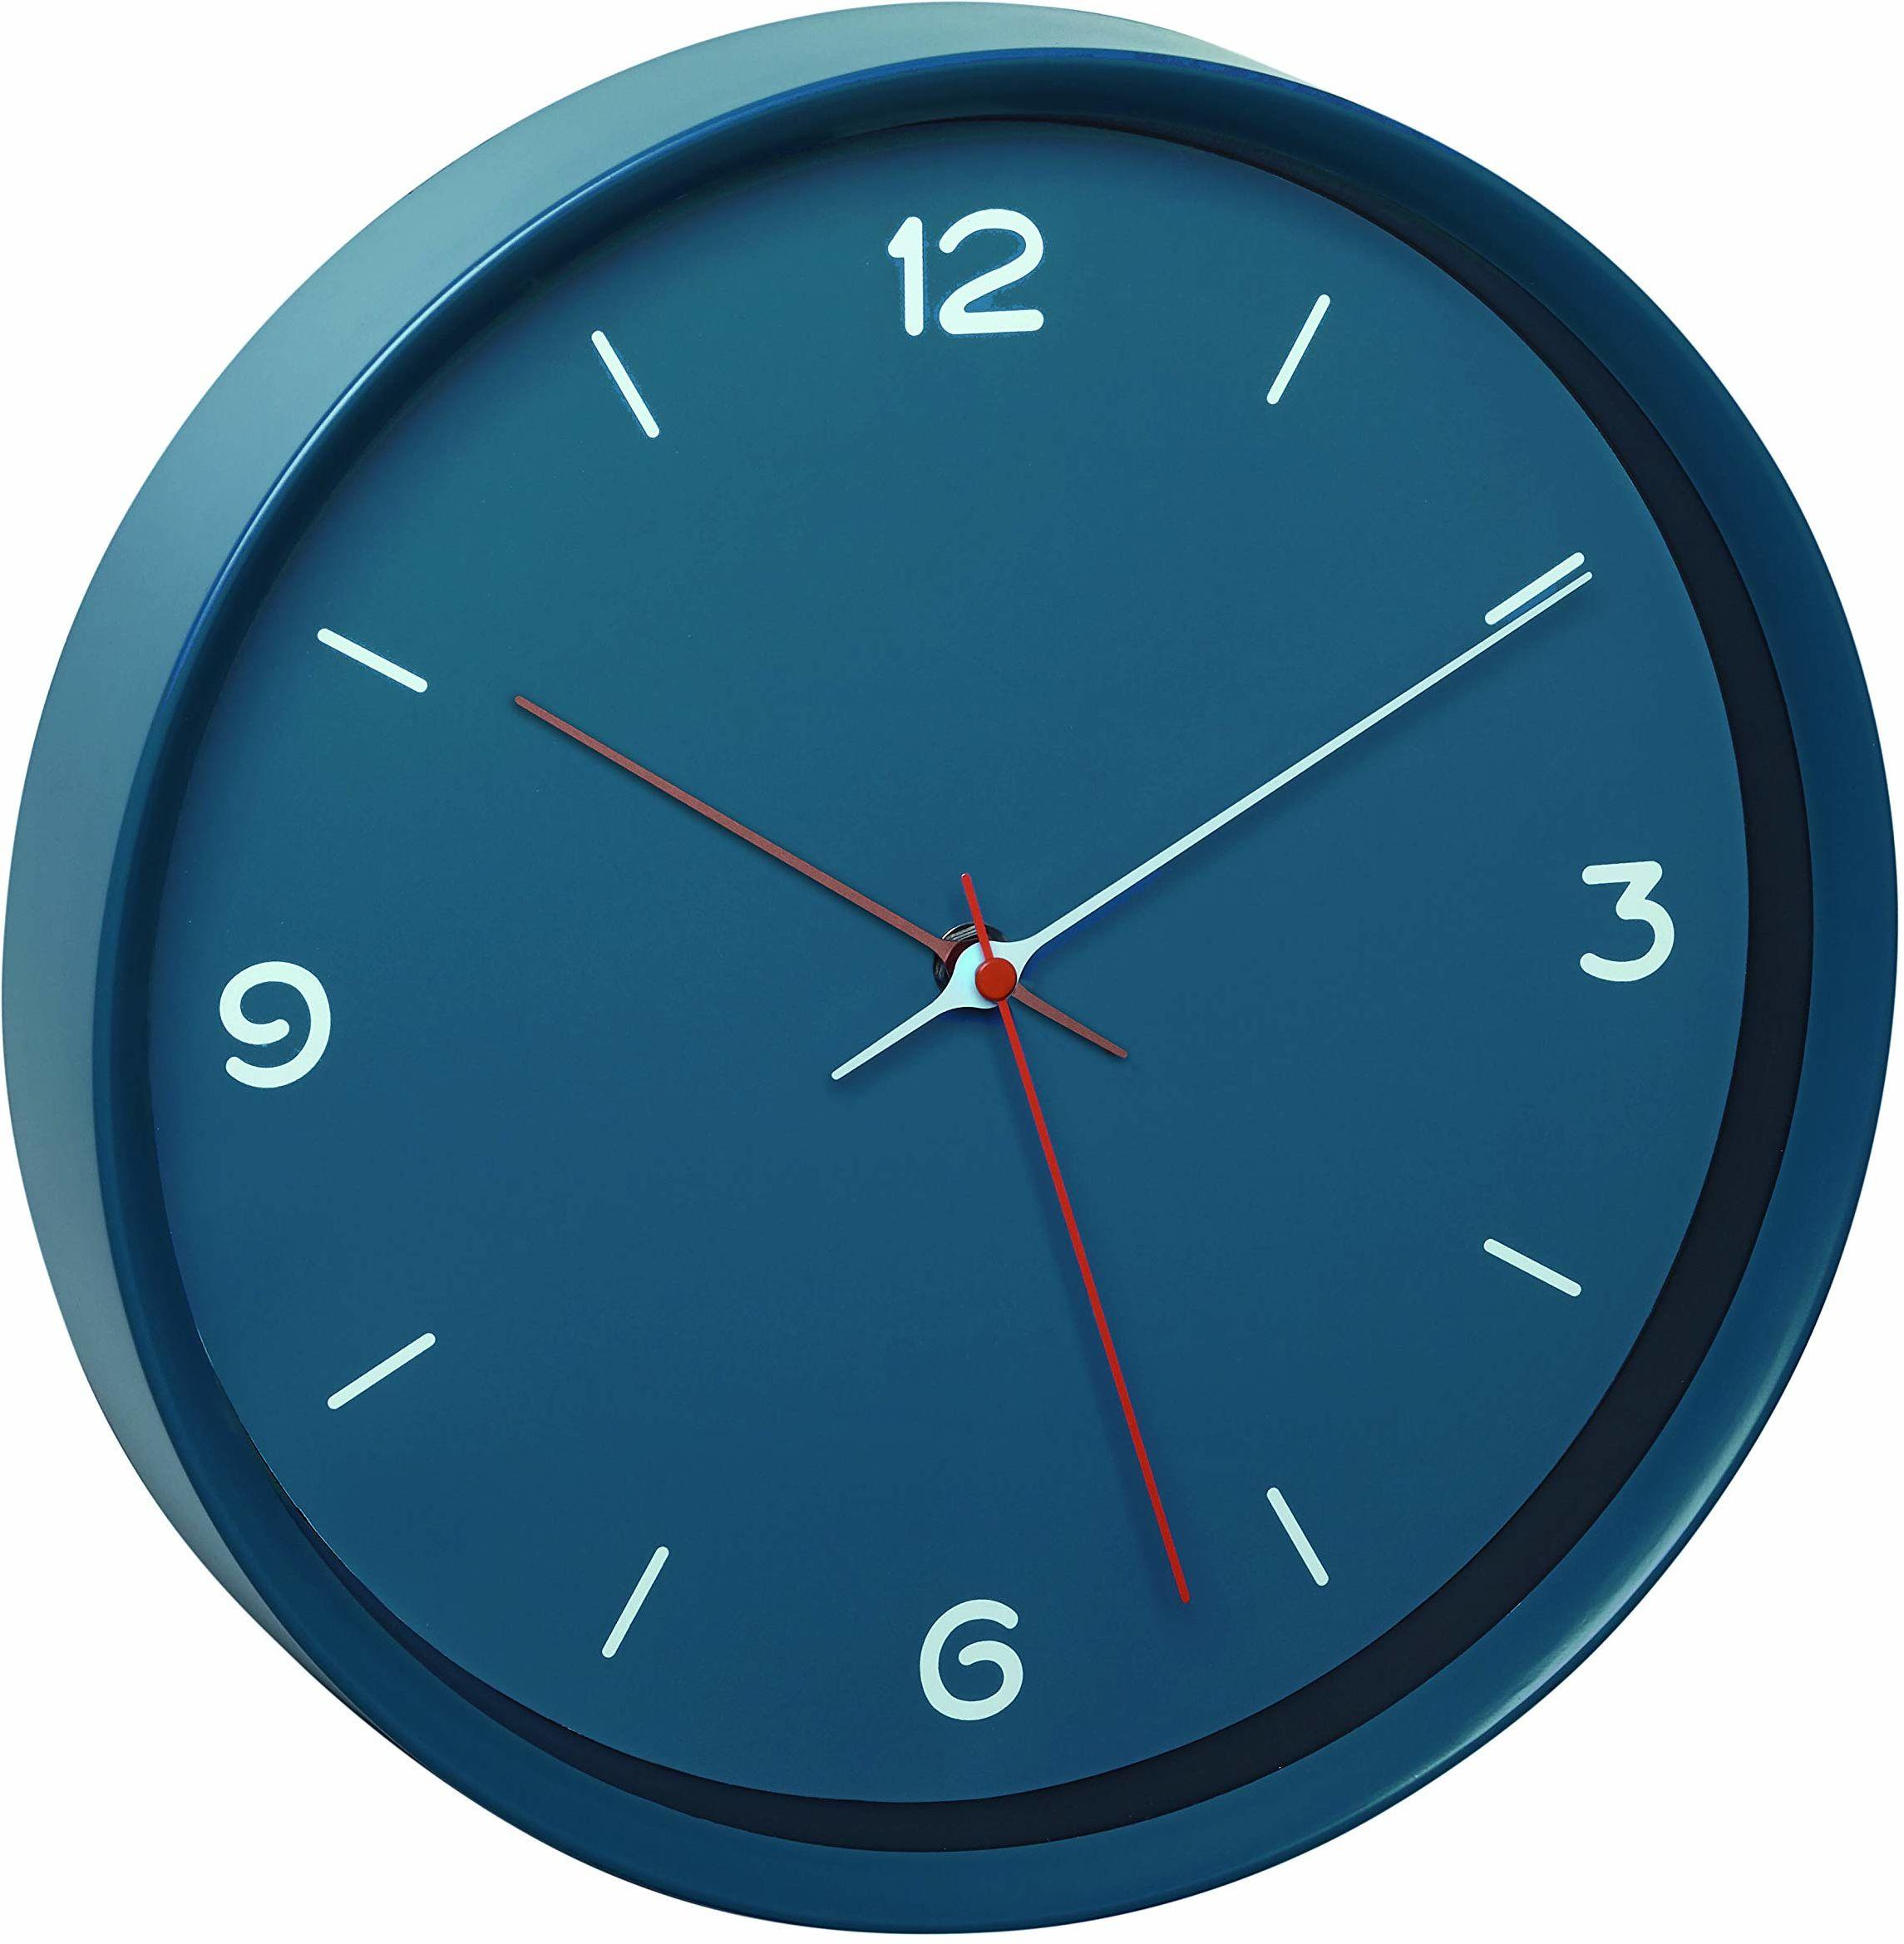 TFA Dostmann analogowy zegar ścienny, 60.3056.06, cichy mechanizm Sweep, zegar kwarcowy, szklana osłona, kolor petrol niebieski, dł. 315 x szer. 50 x wys. 340 mm